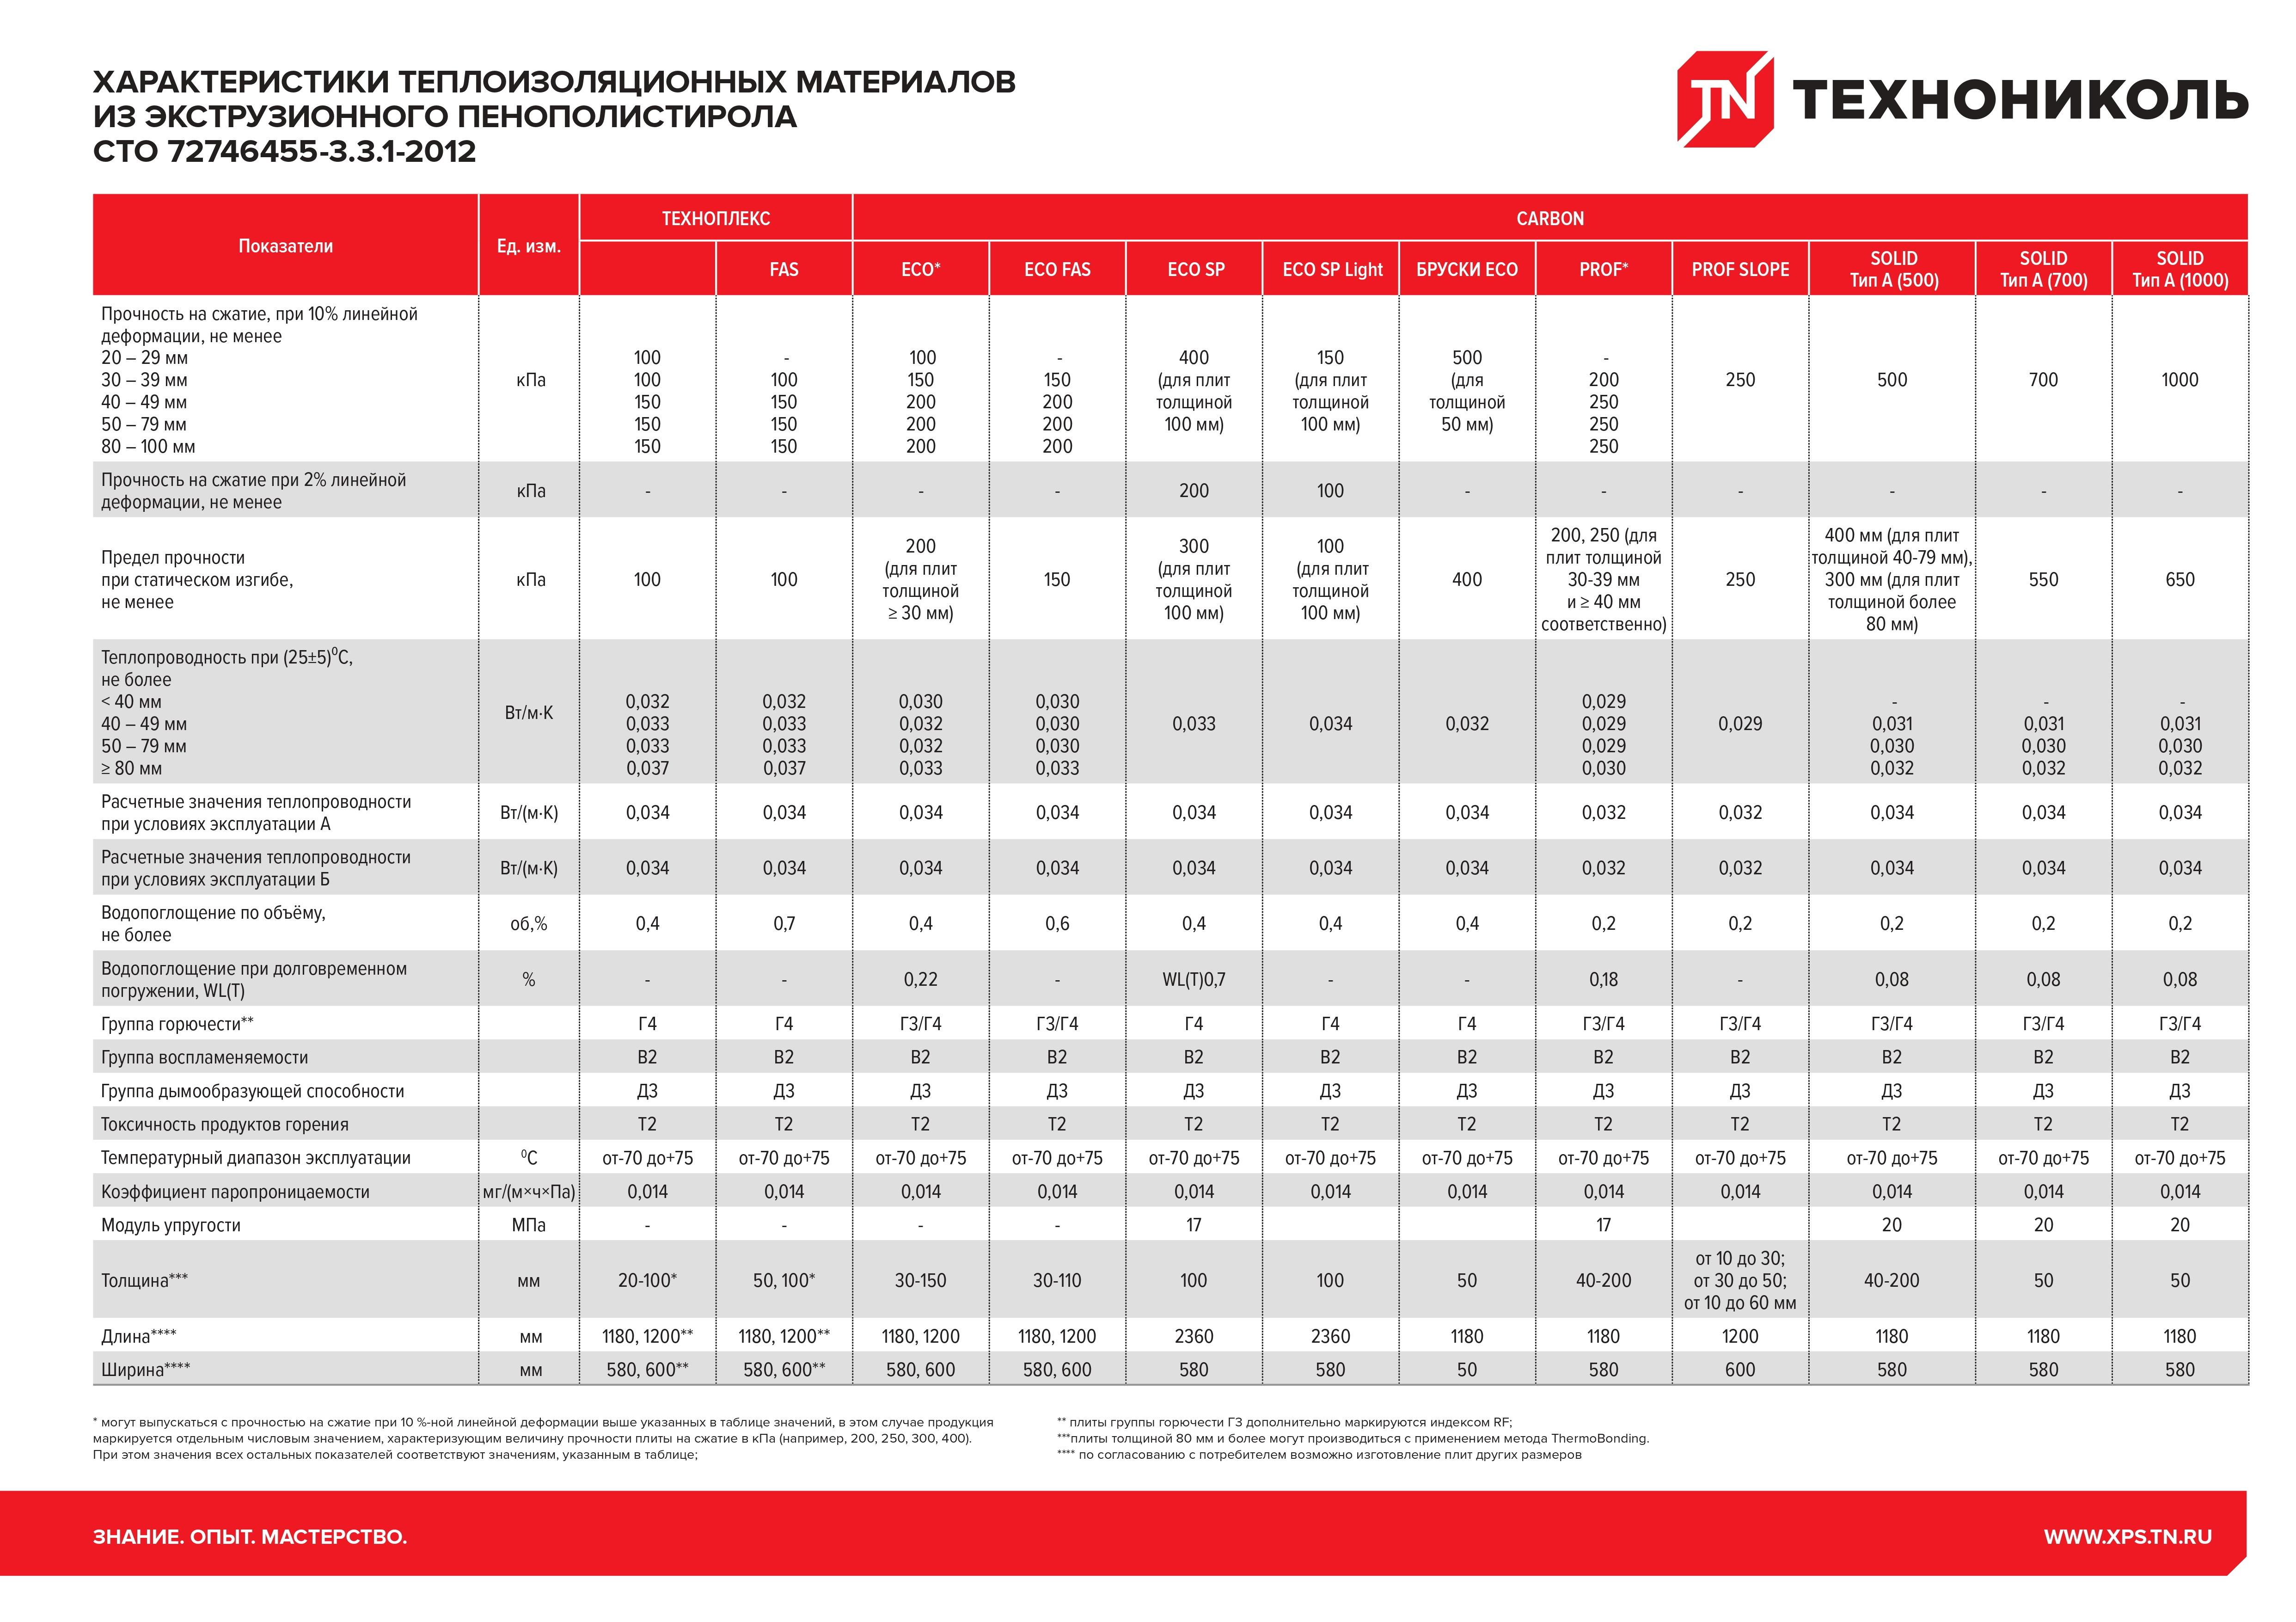 Пенополистирол технониколь: технические характеристики экструзионного материала, видео и фото